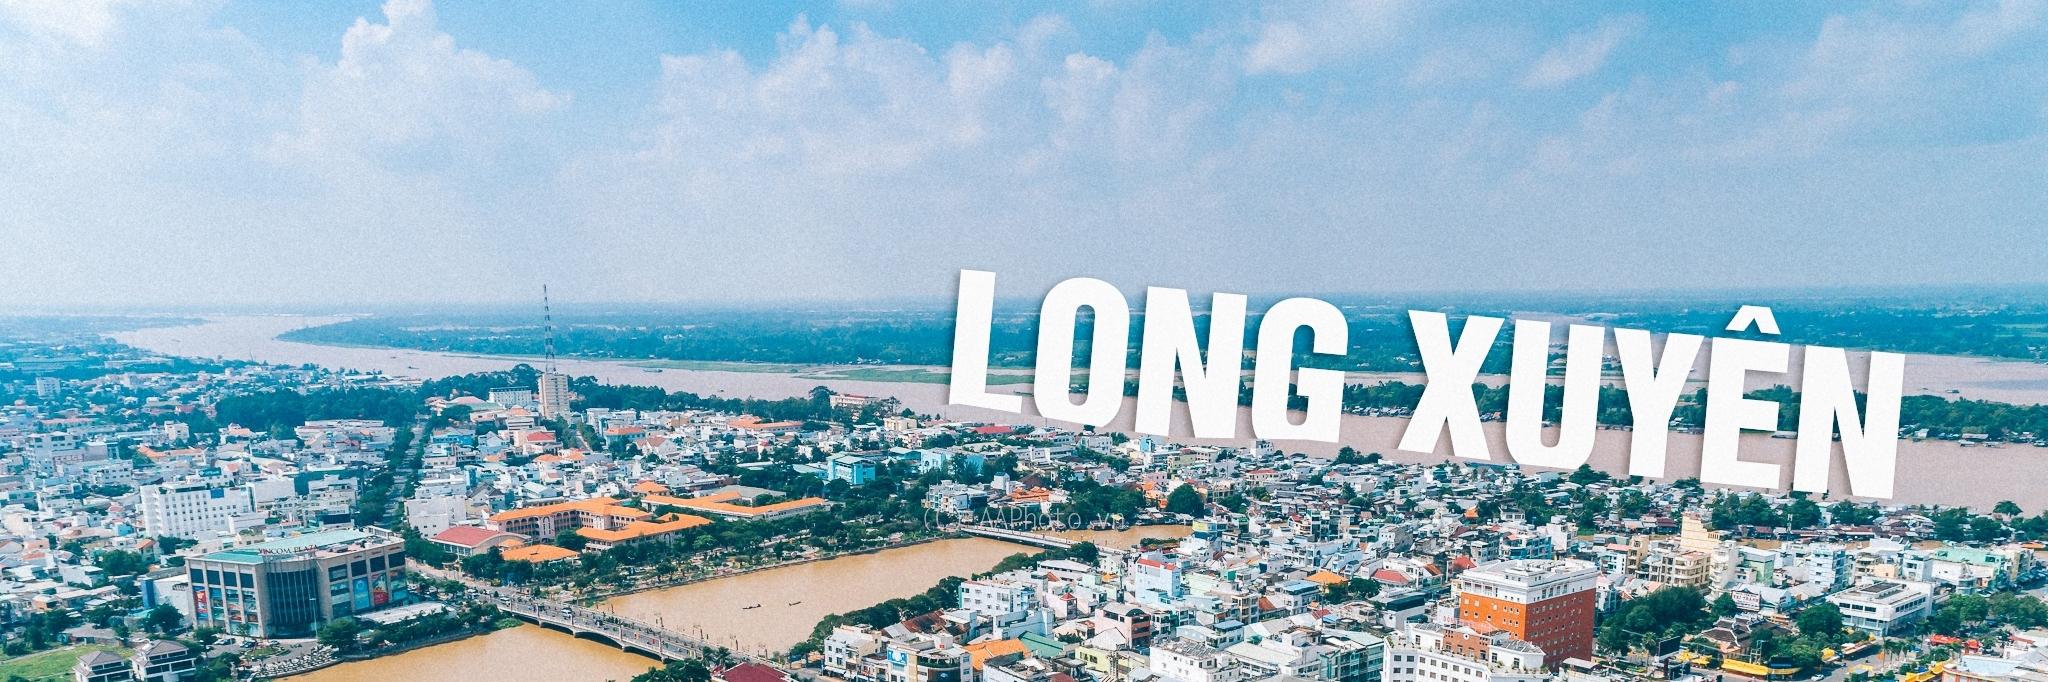 https://gody.vn/blog/smile_9x_tn3167/post/nhung-mon-an-nhat-dinh-phai-thu-khi-toi-an-giang-p2-6124